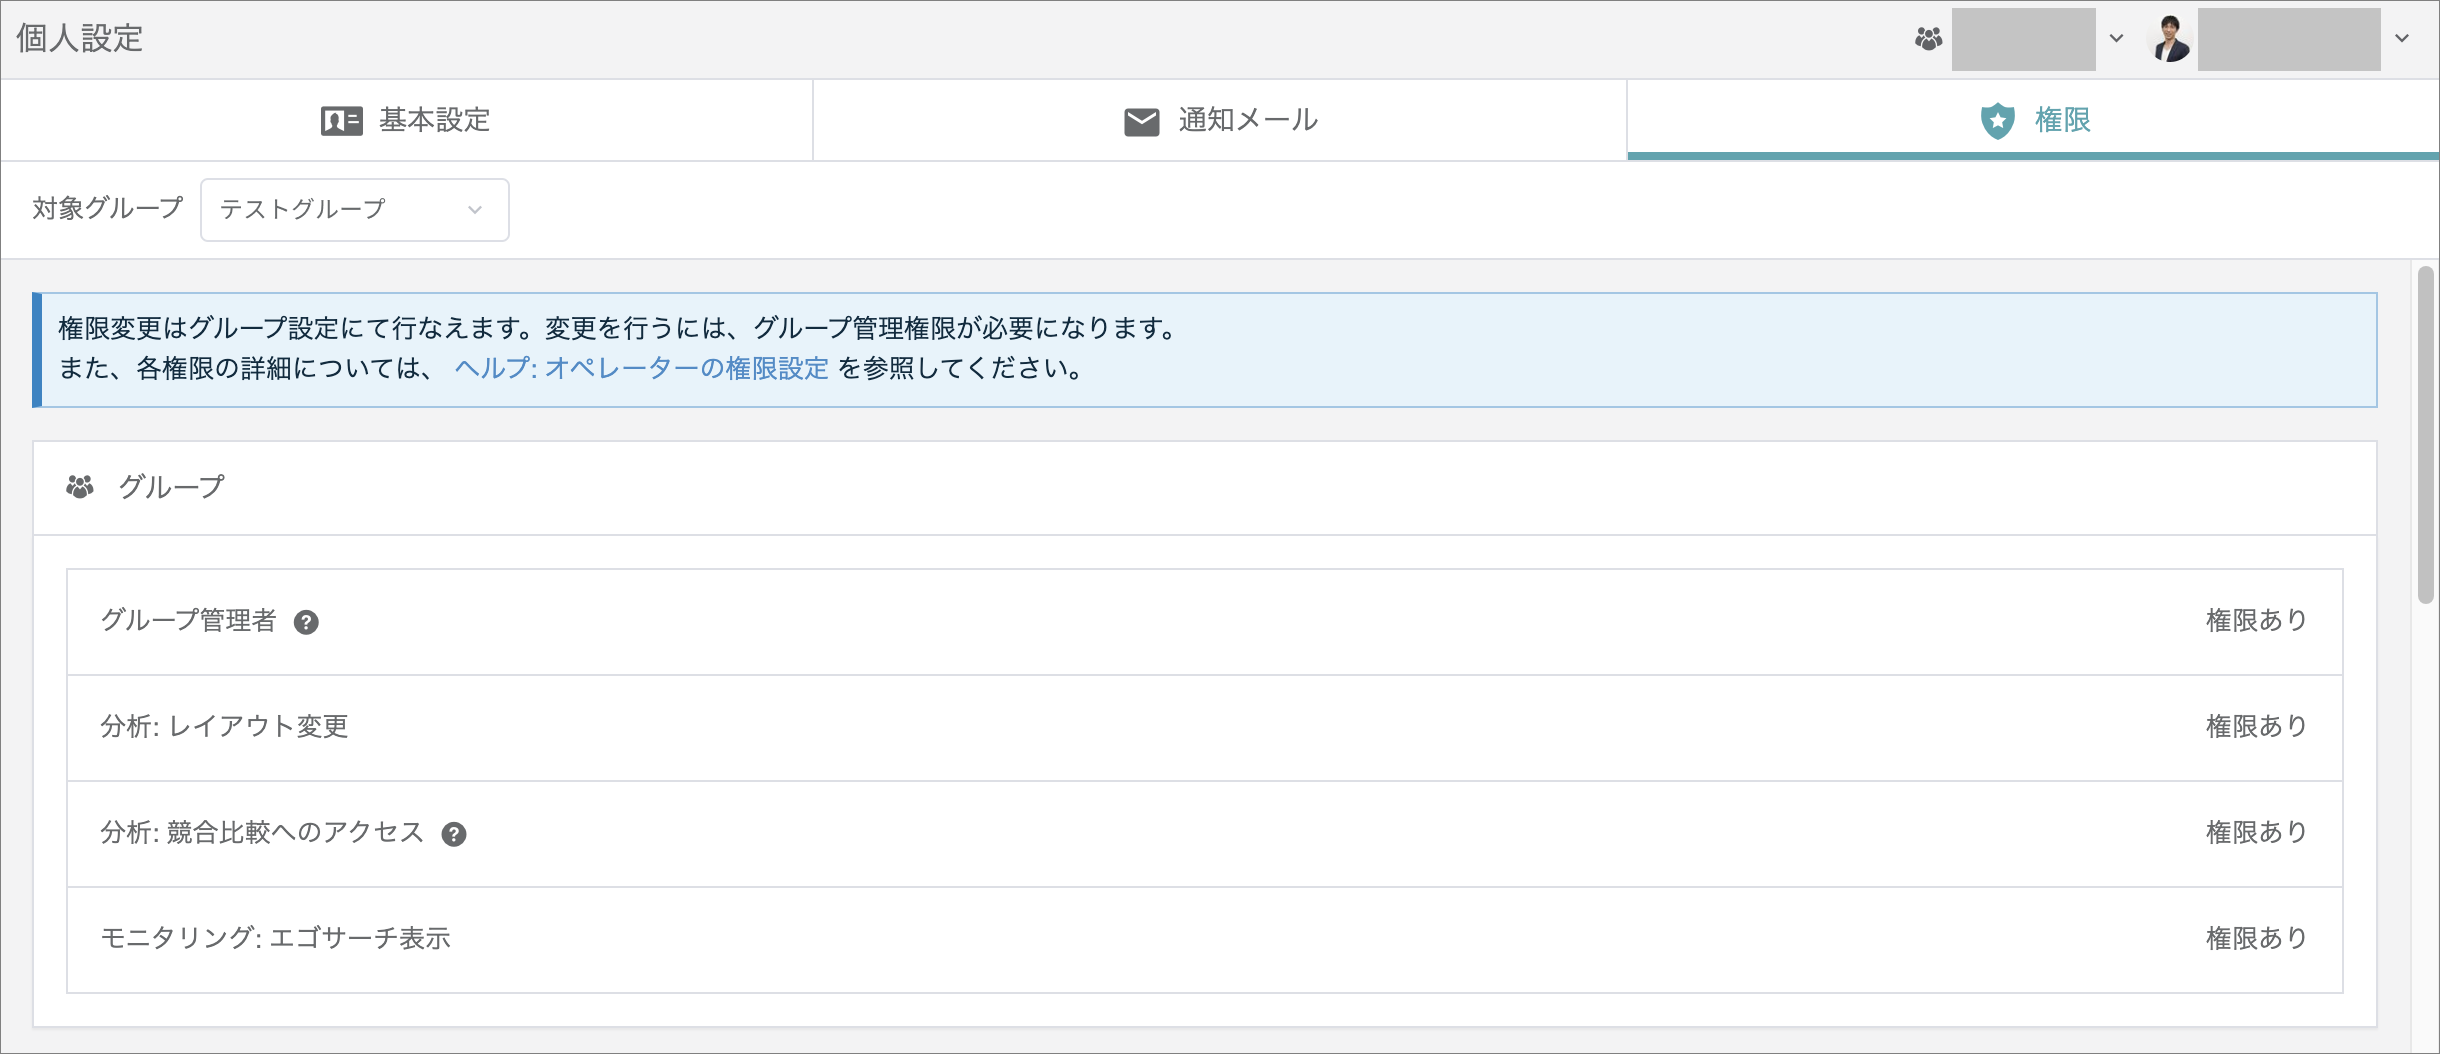 cms_update_1104